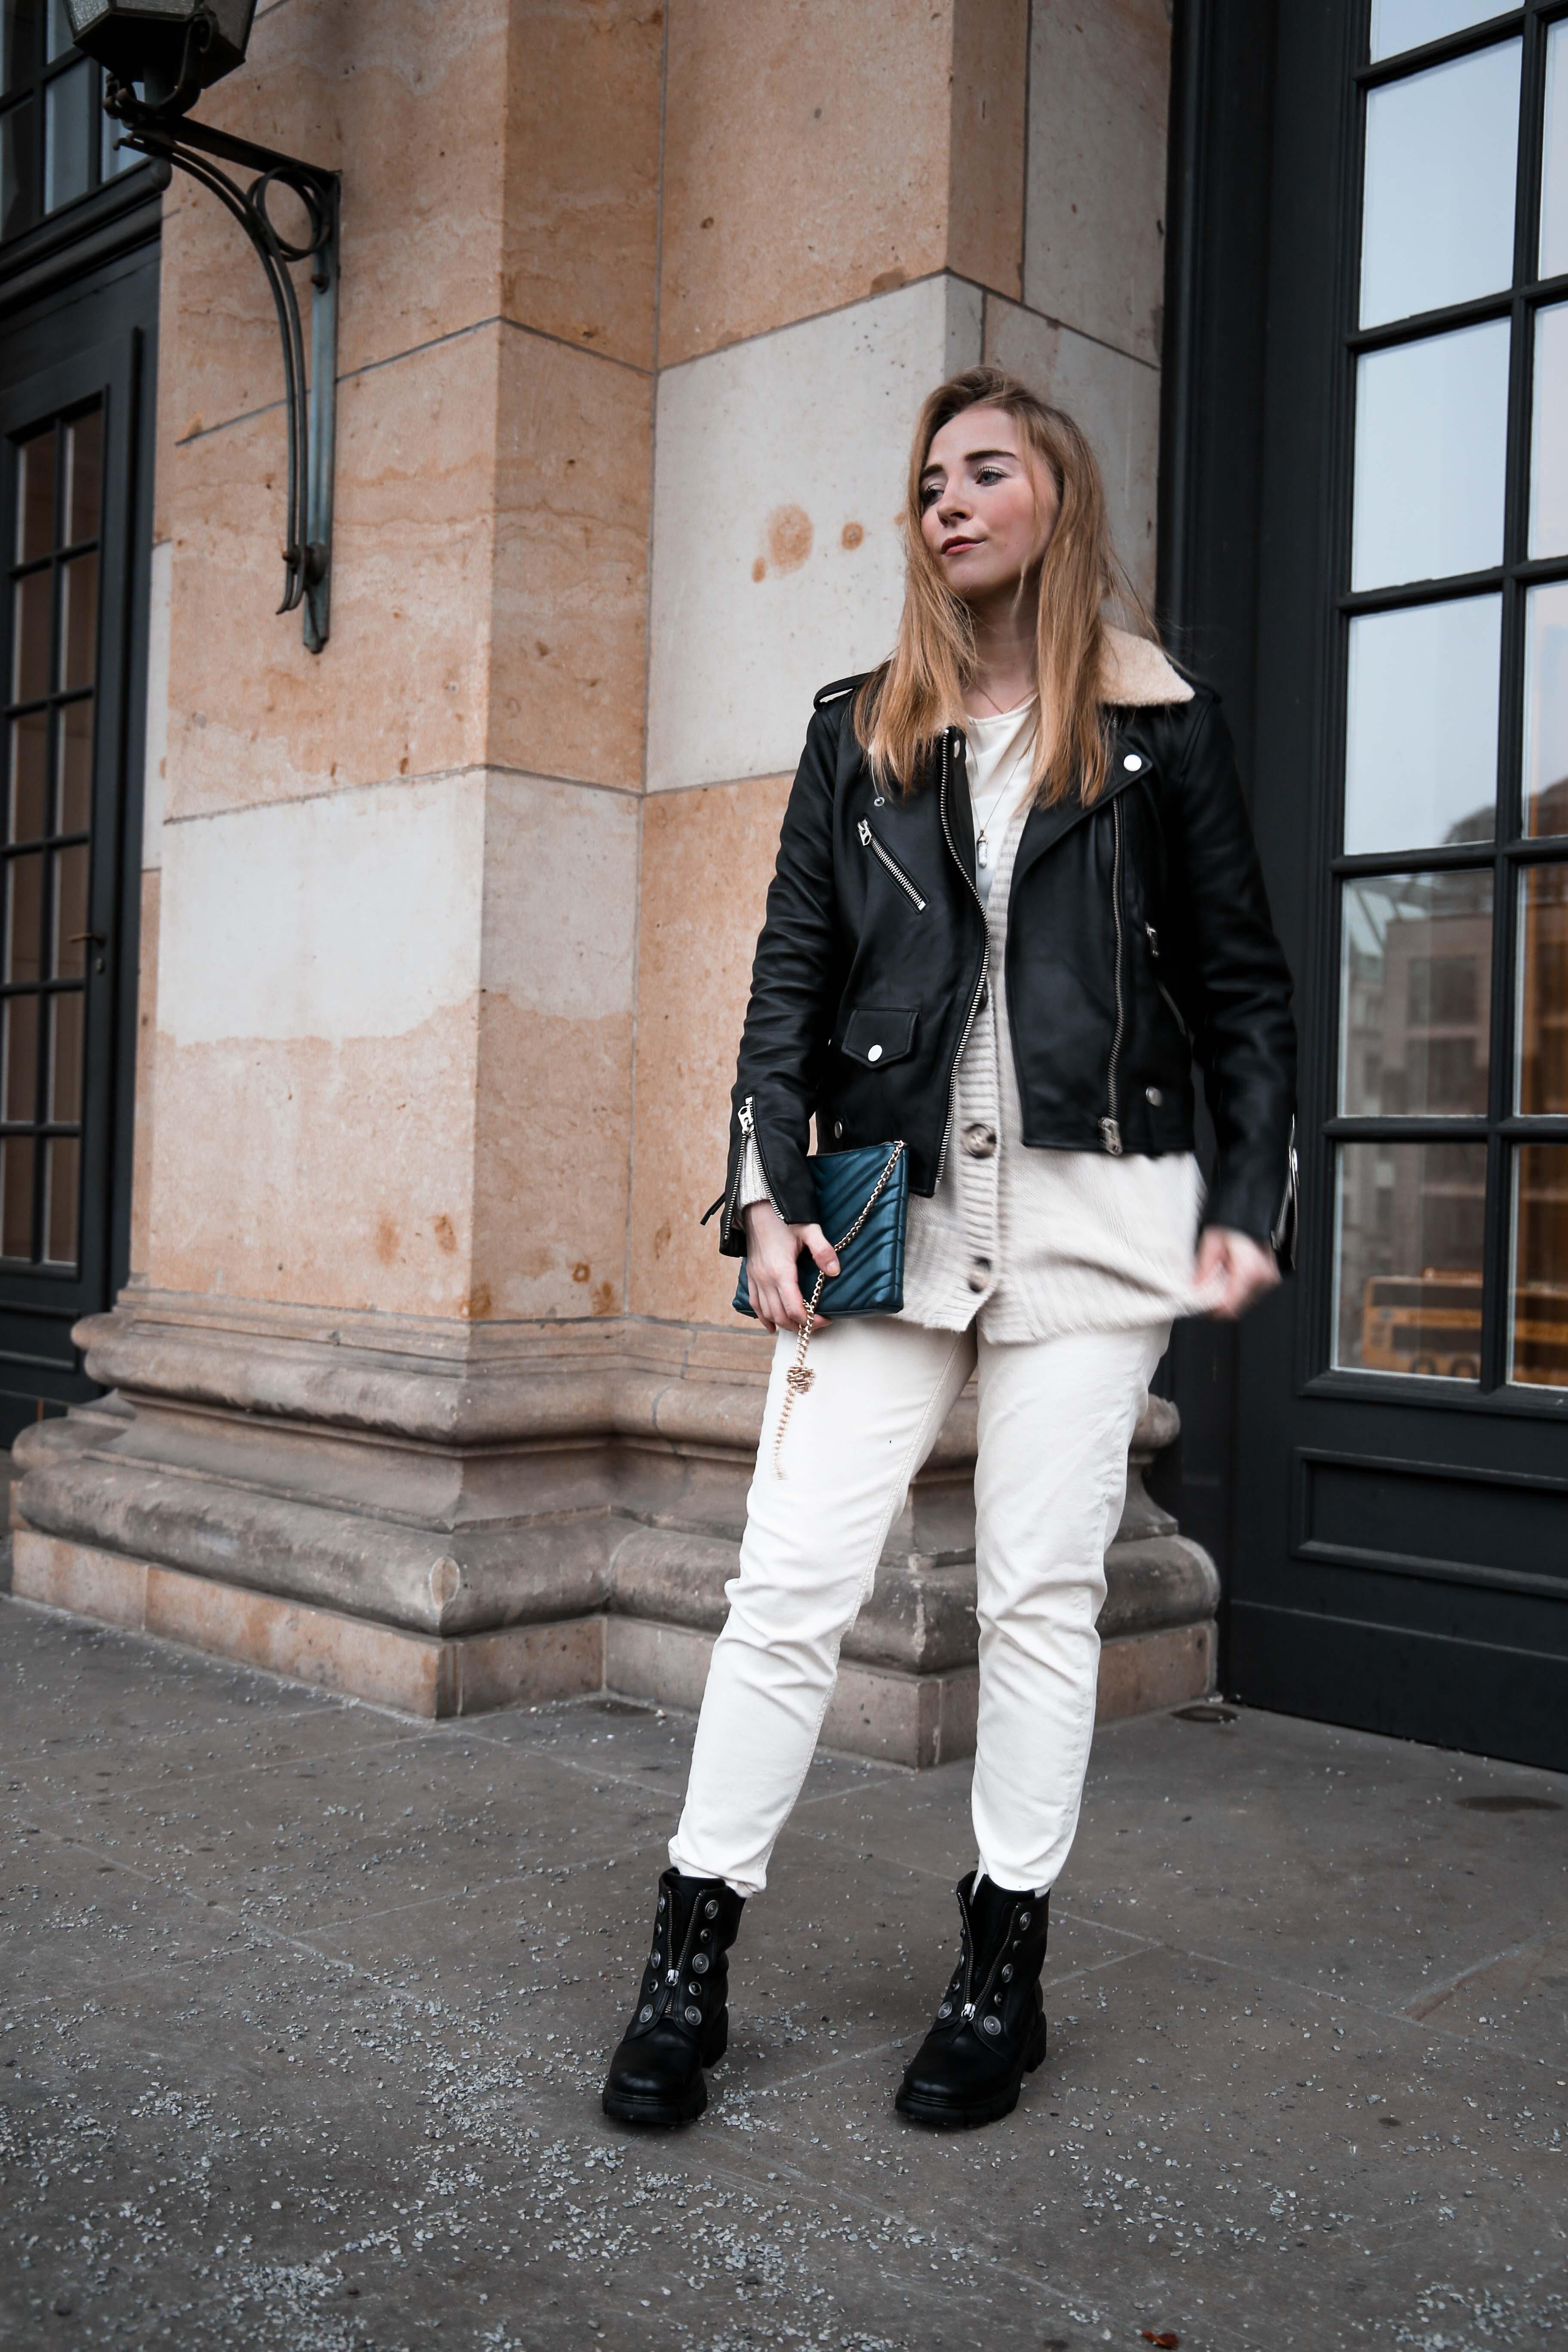 lederjacken-outfit-lederjacke-kombinieren-look-ideen-inspiration